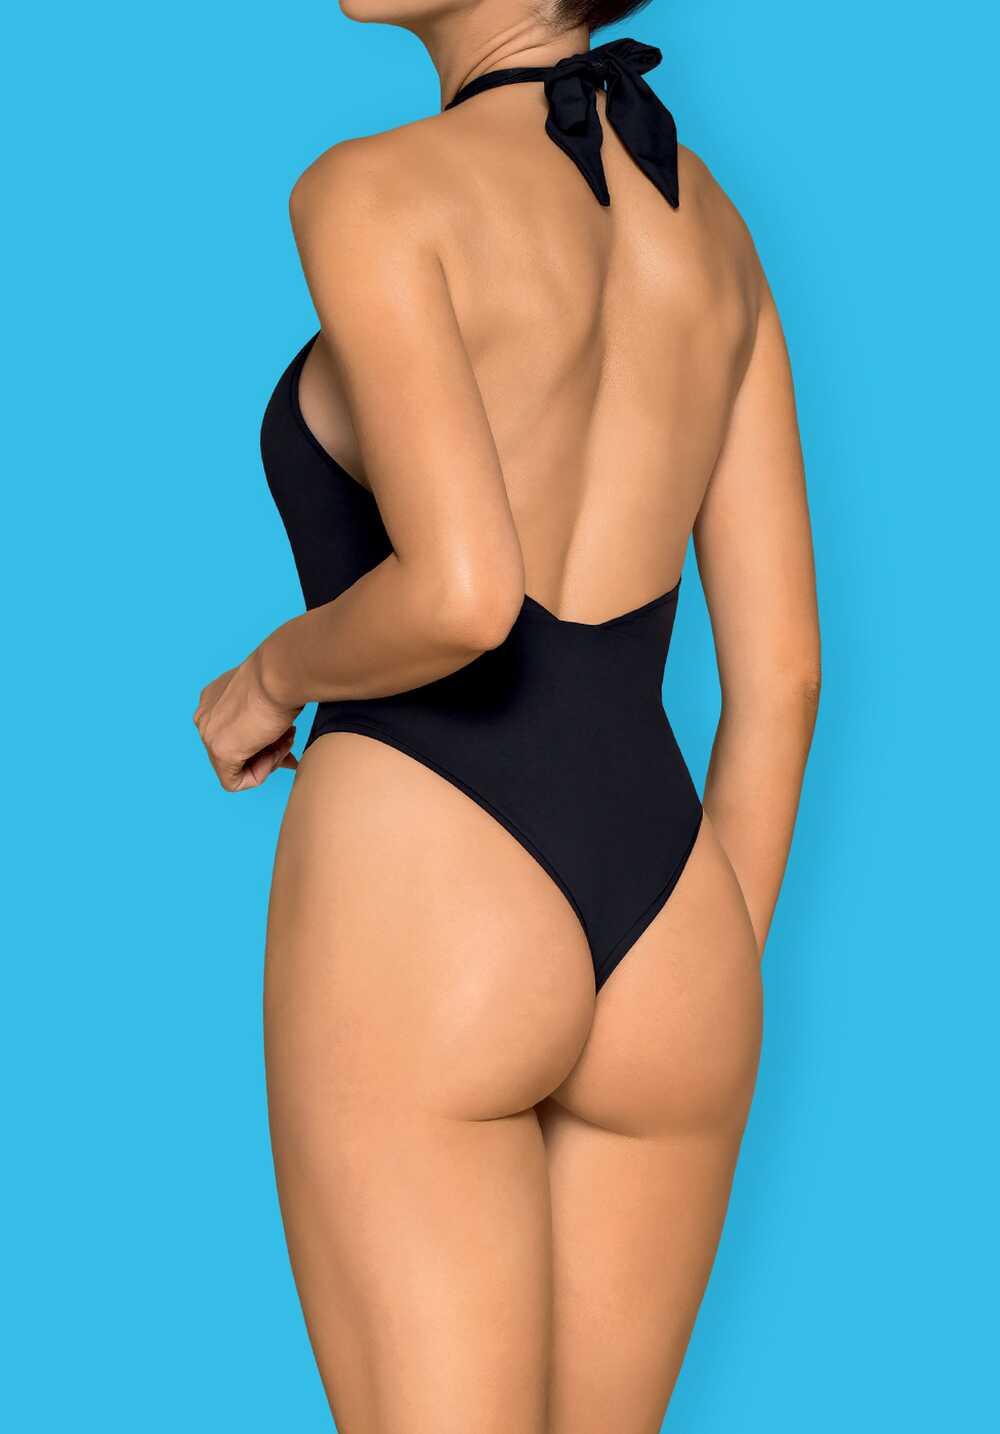 Afbeelding2 Artikel: Swimsuit met bandjes Variant: 1128 Parent:  Datum: 05/06/2020 17:18:42